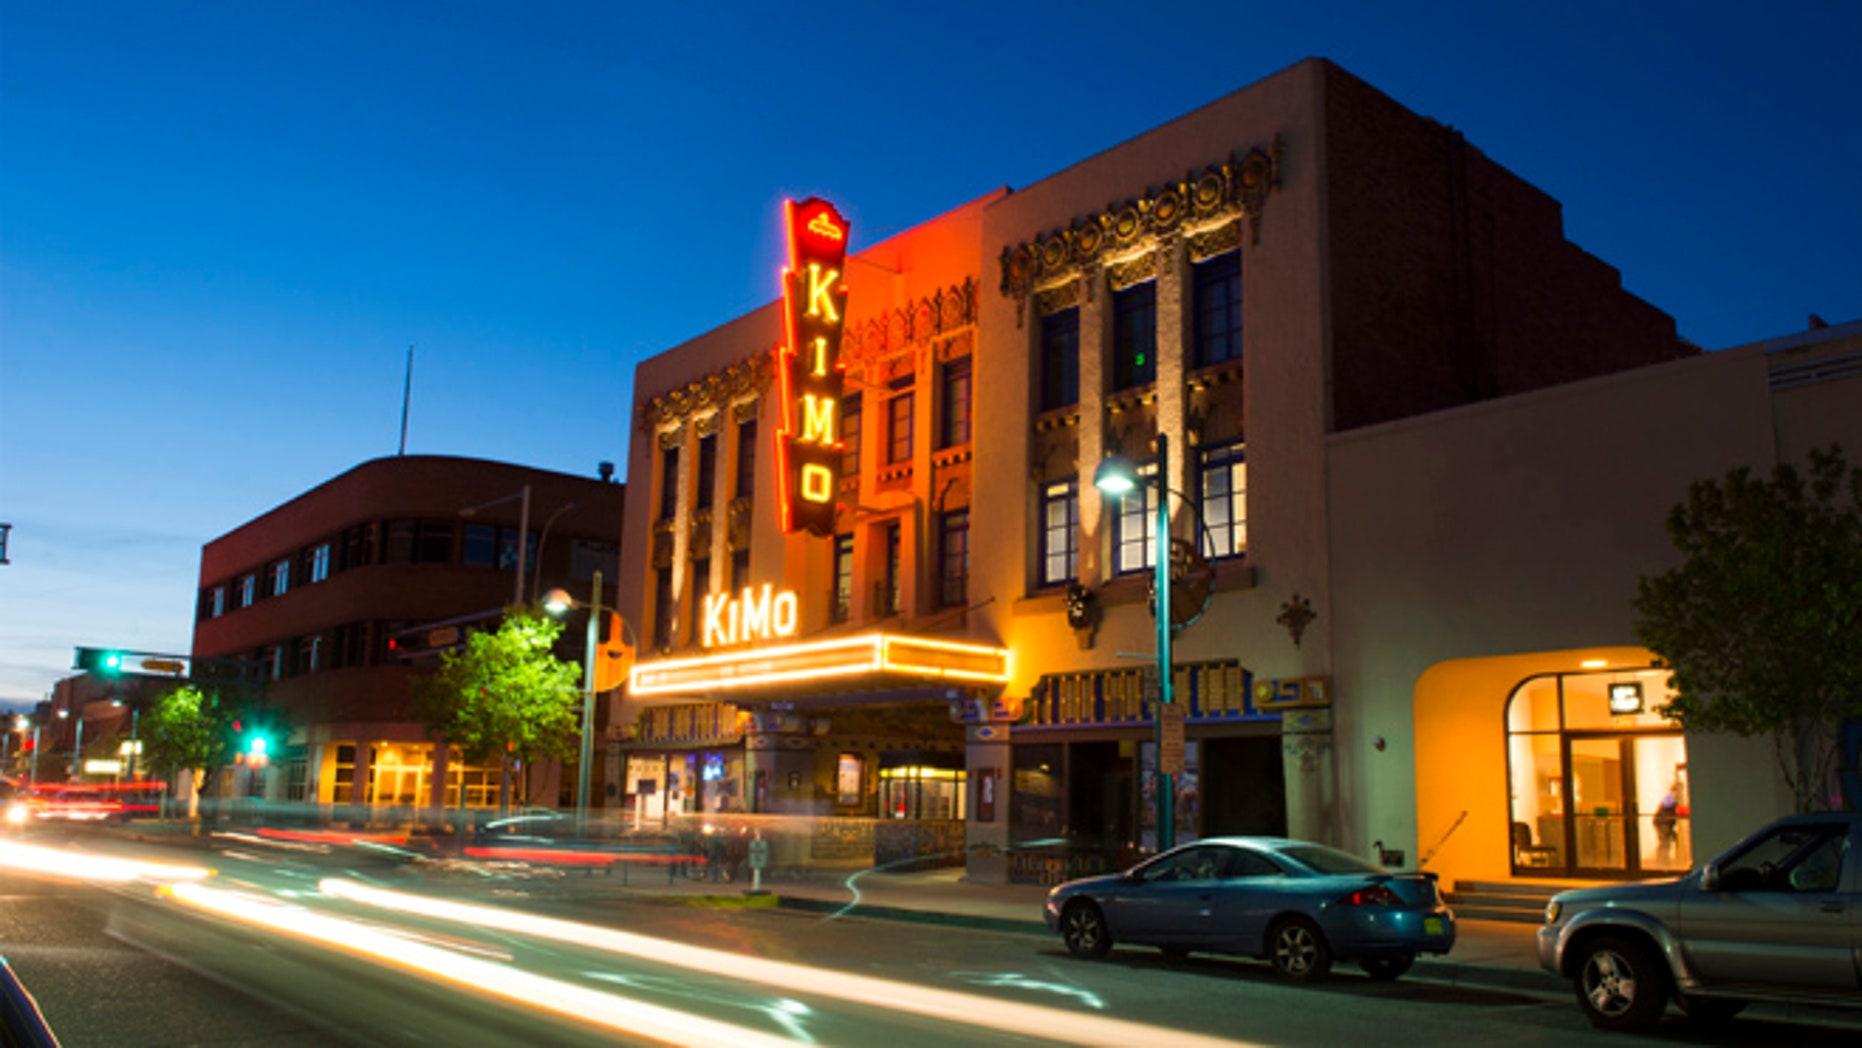 Albuquerque New Mexico Route 66 of Central Avenue of famous historic KIMO Theatre.